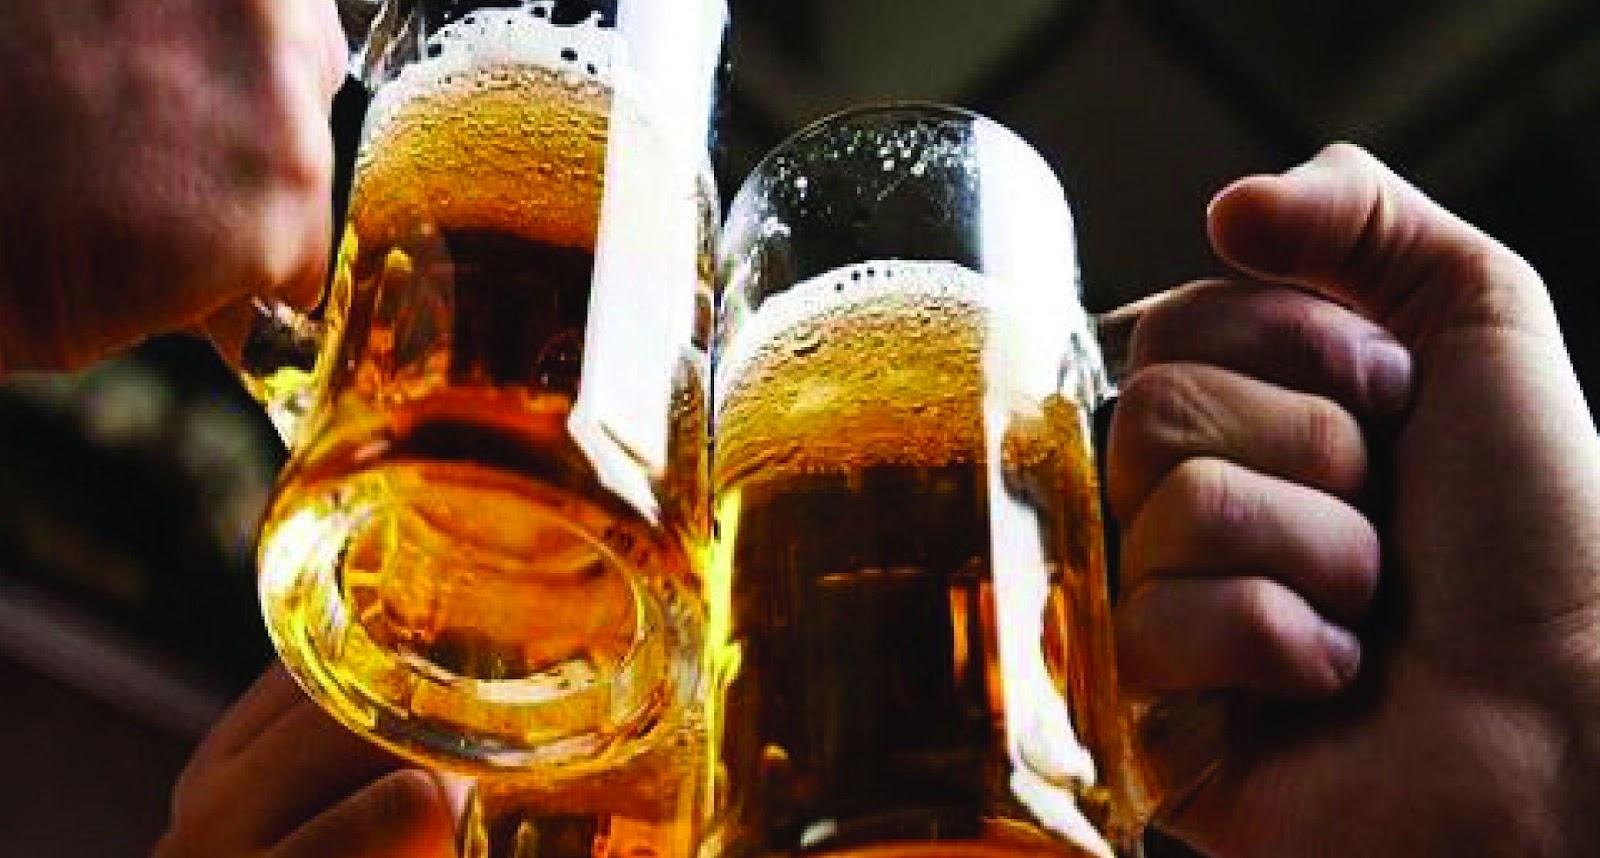 quán bia hơi ngon rẻ hà nội 2019